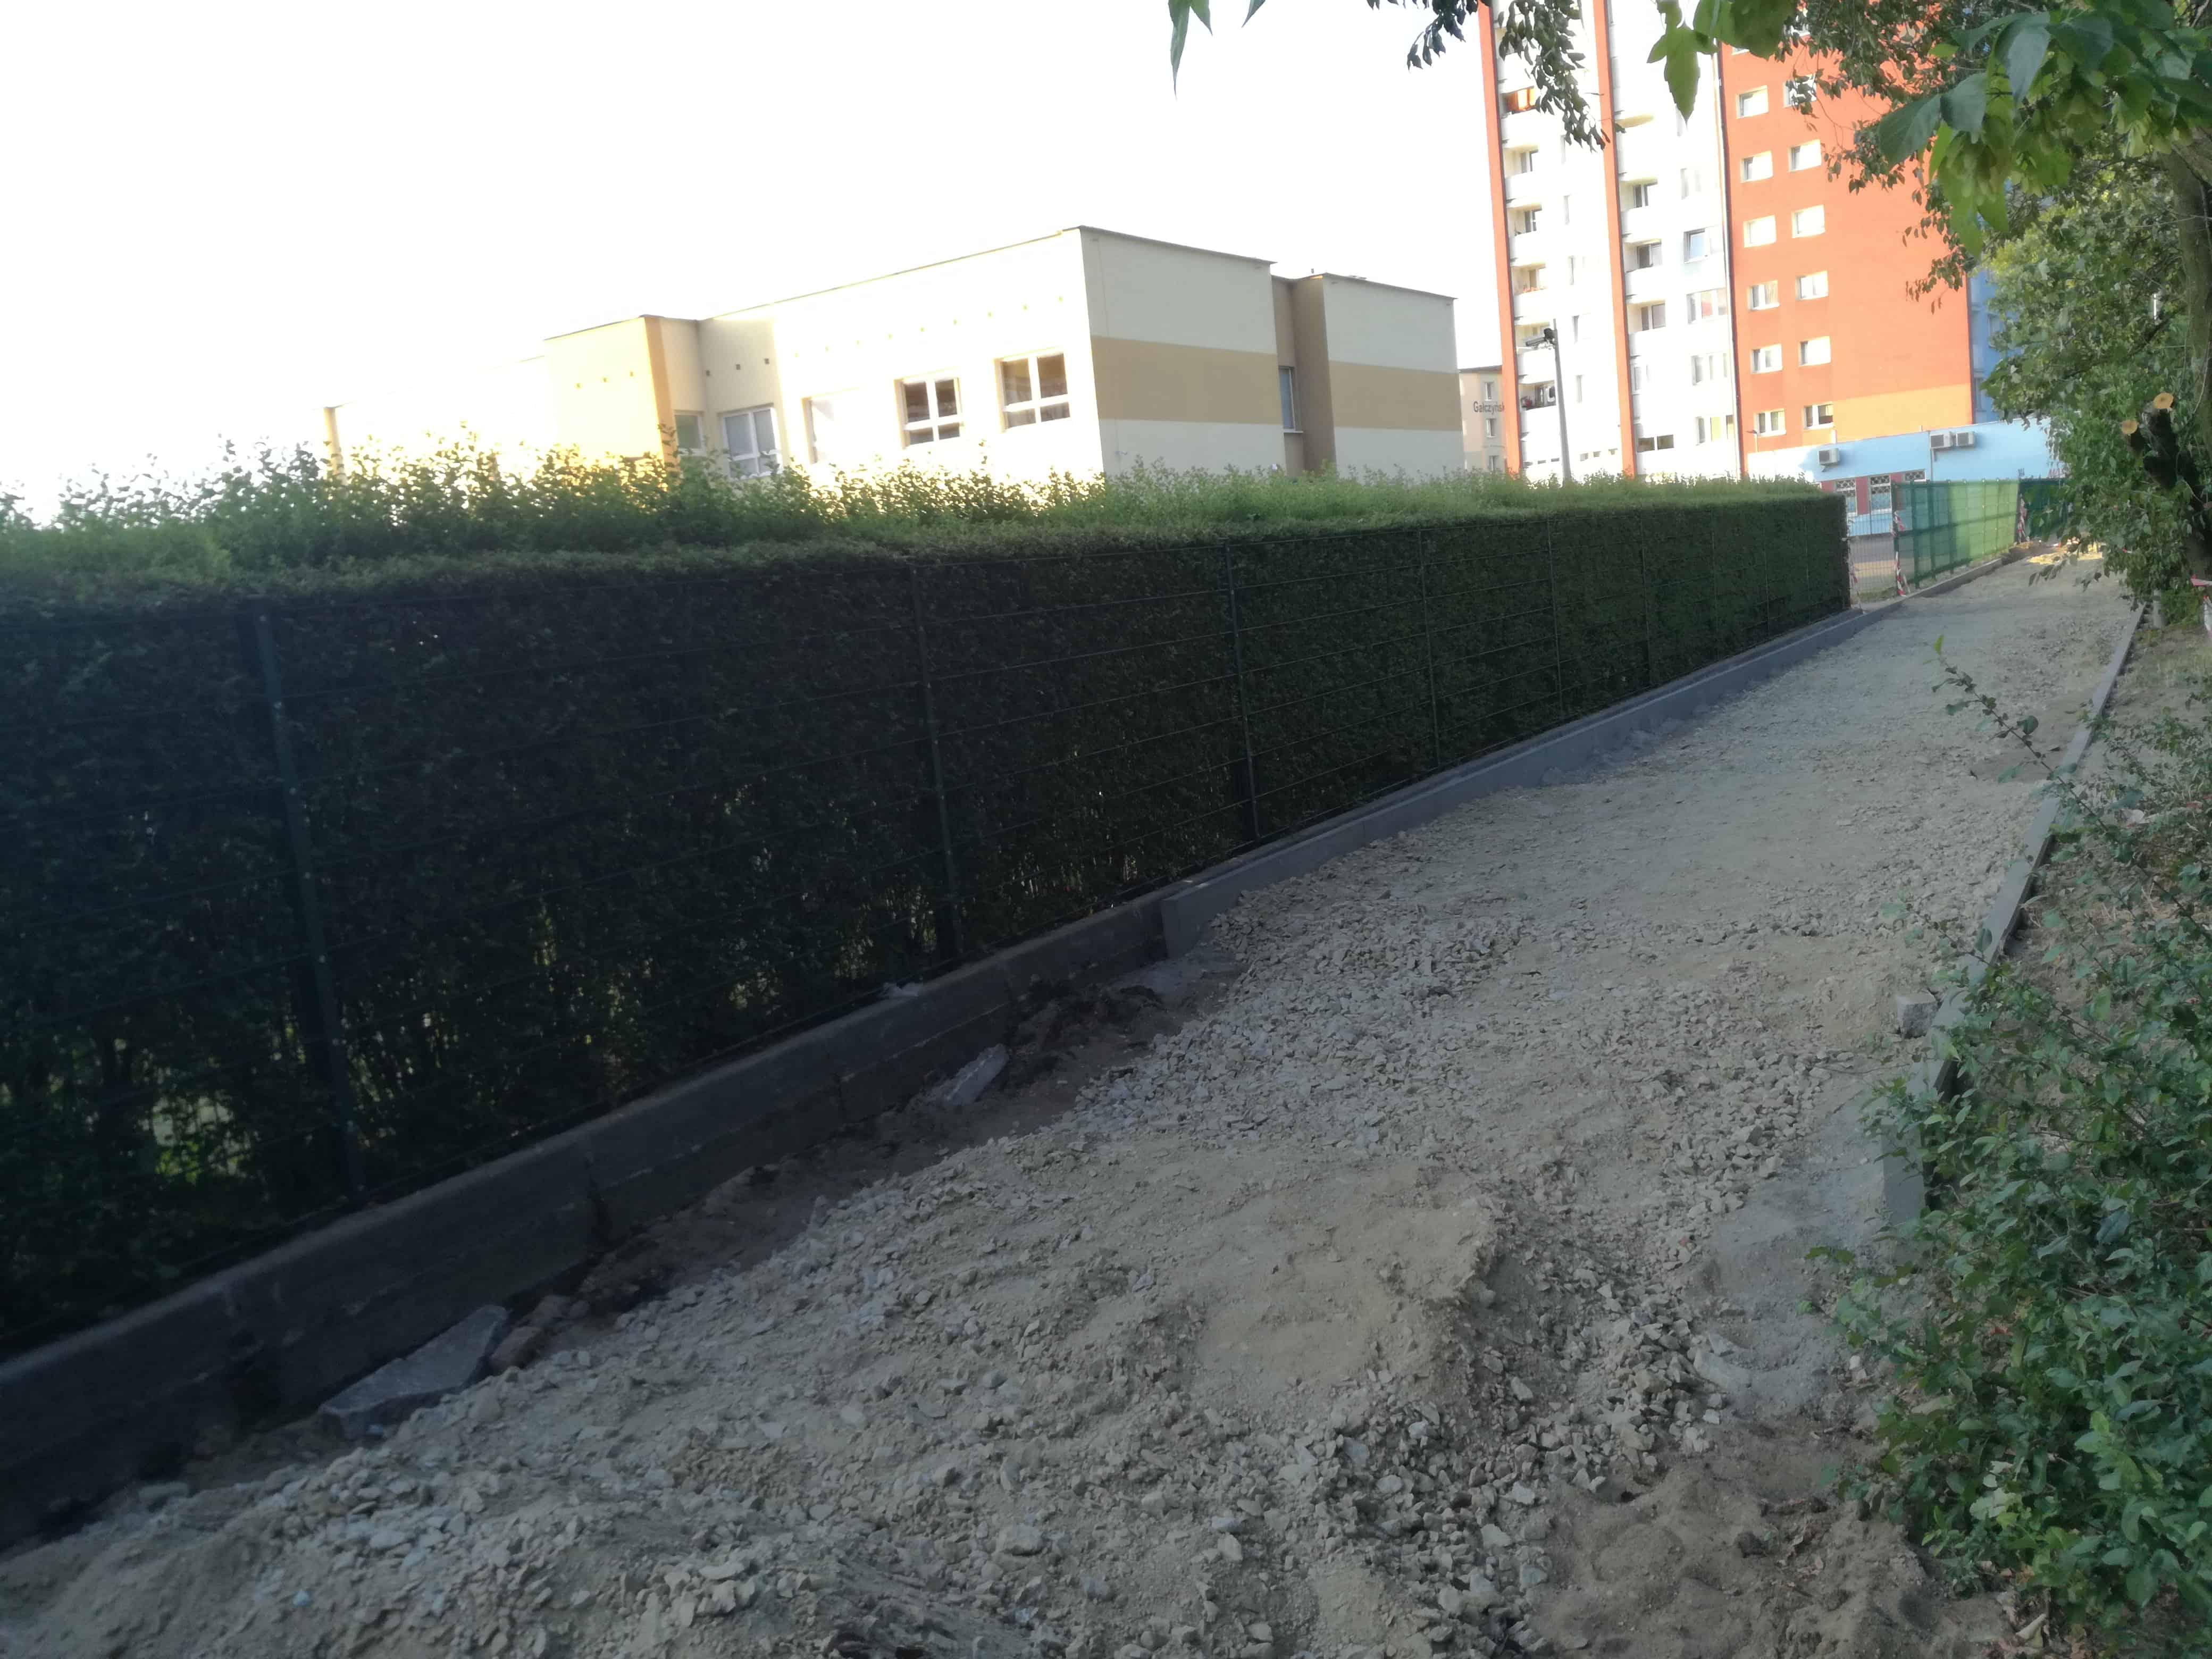 Bydgoski Budżet Obywatelski - remont chodnika wzdłuż ul. Gałczyńskiego do ul. Okrzei